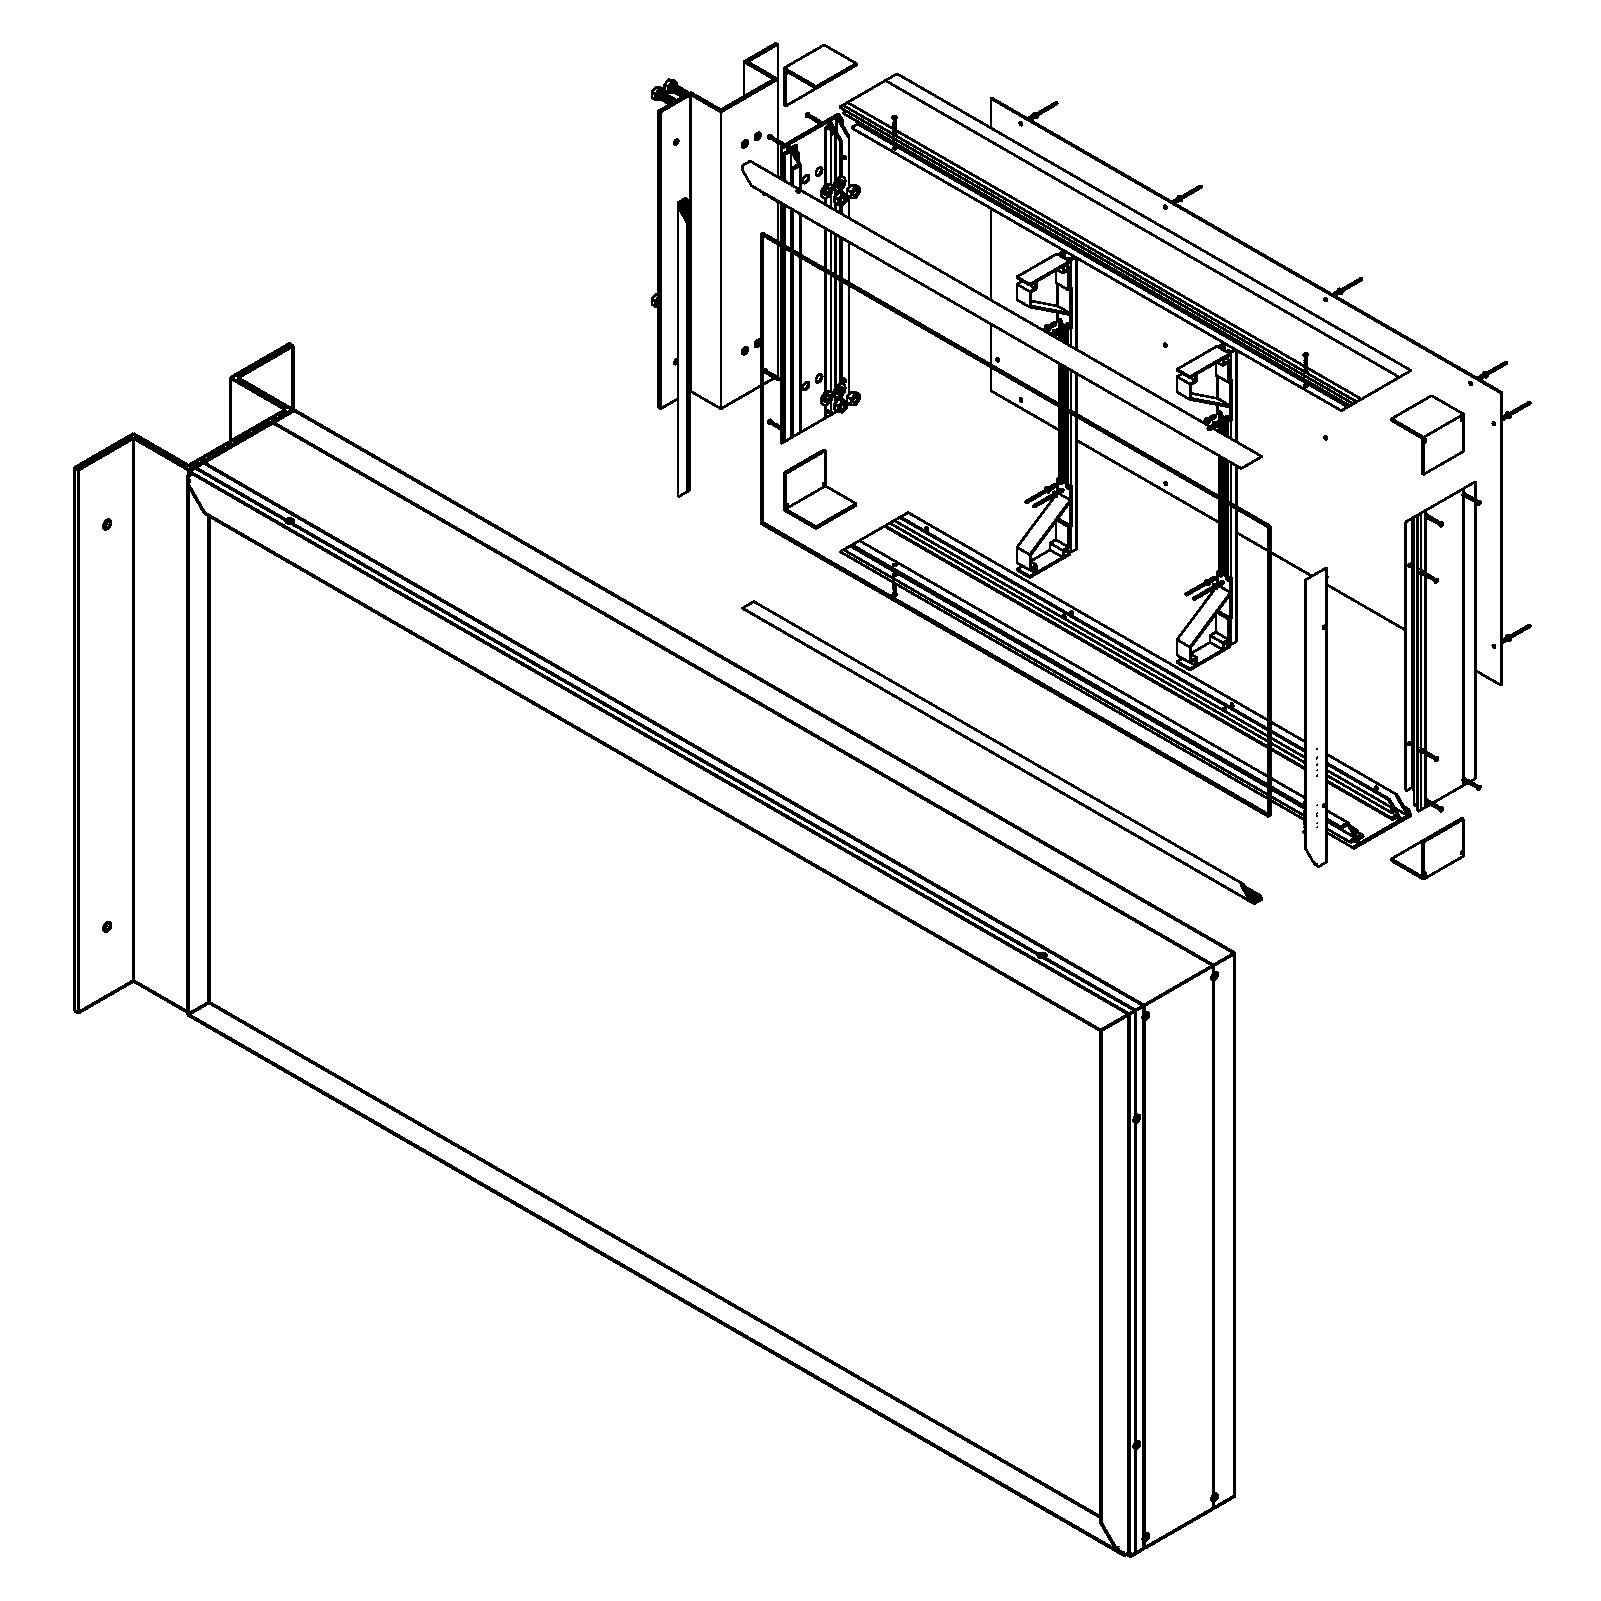 Wiring Diagram Aluminum Extrusion Lightbo